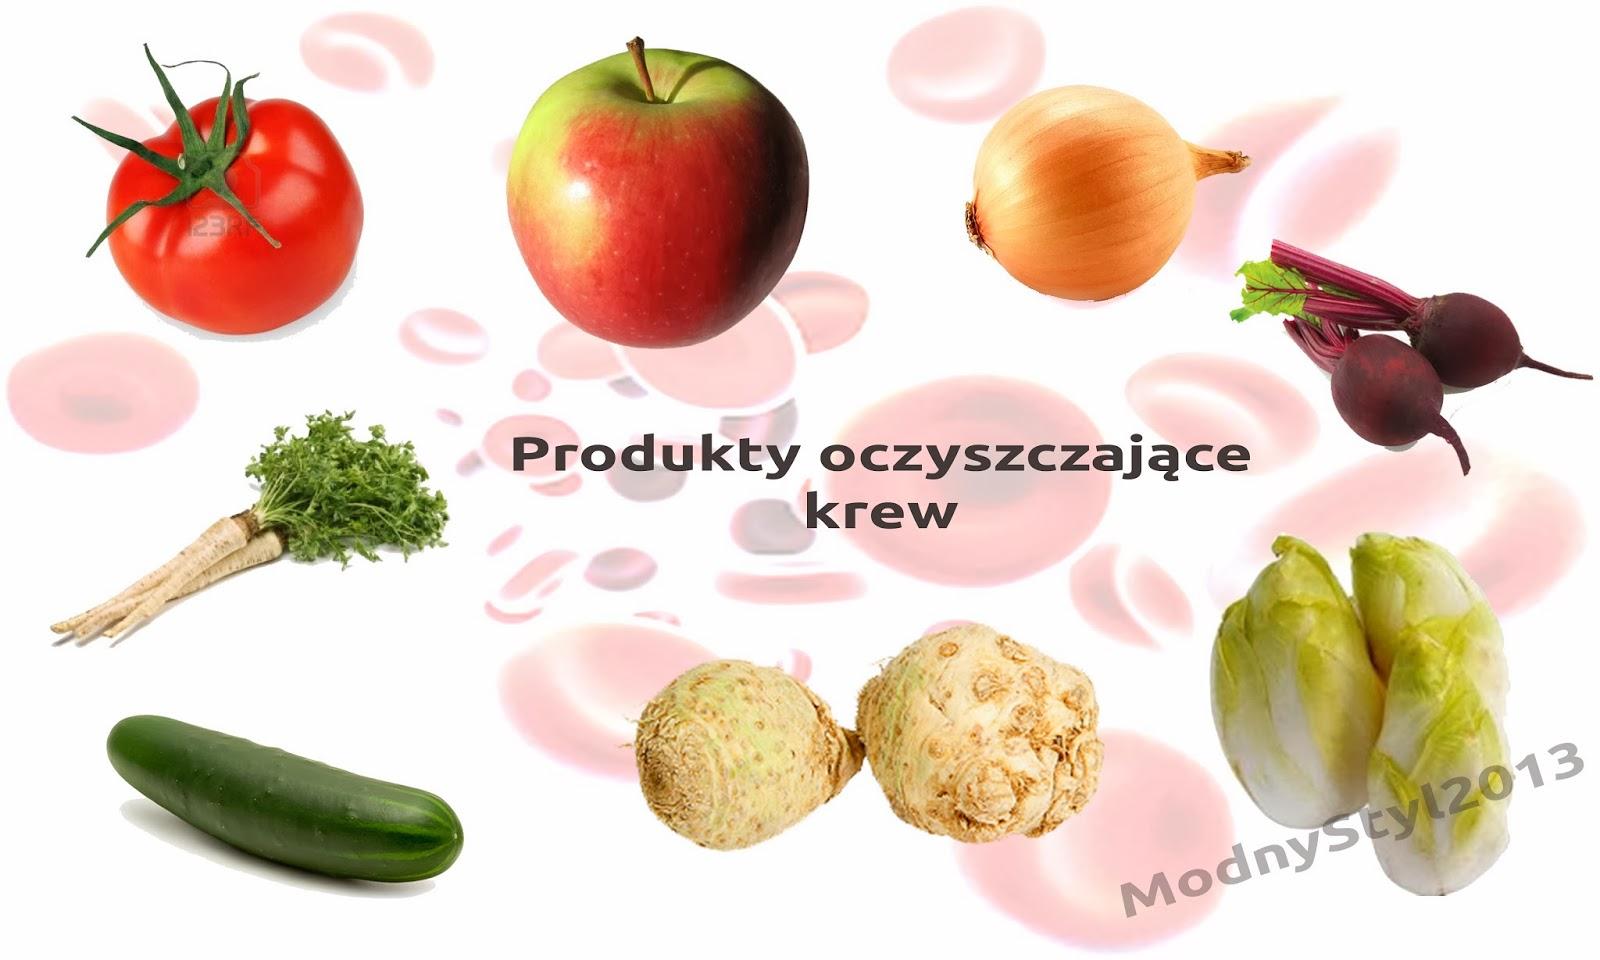 Warzywa i owoce oczyszczające krew!